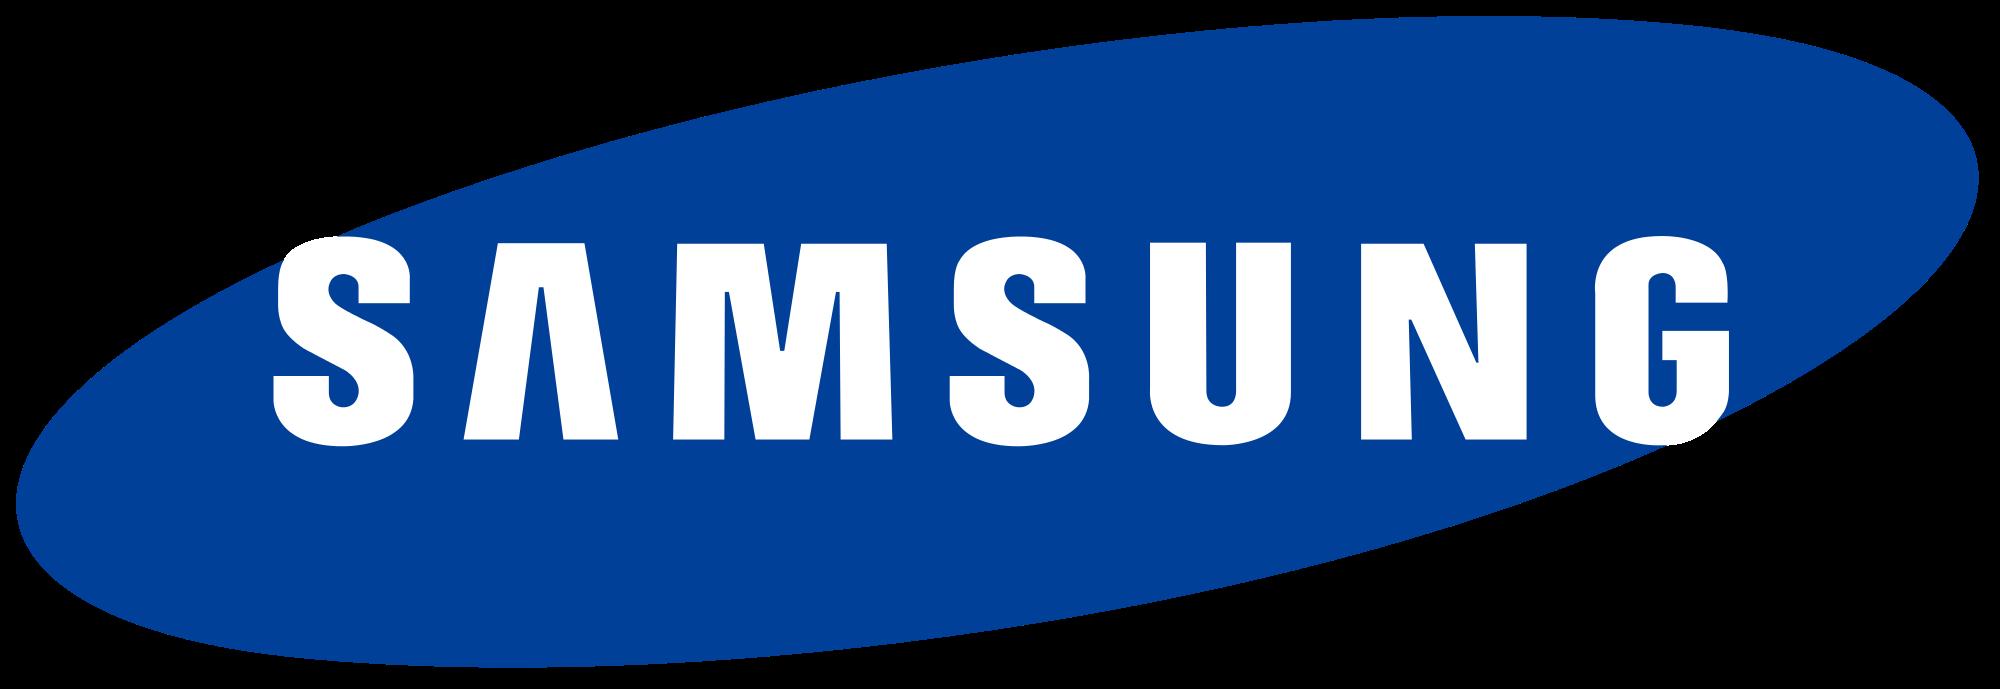 promoodt_Samsung logo.png